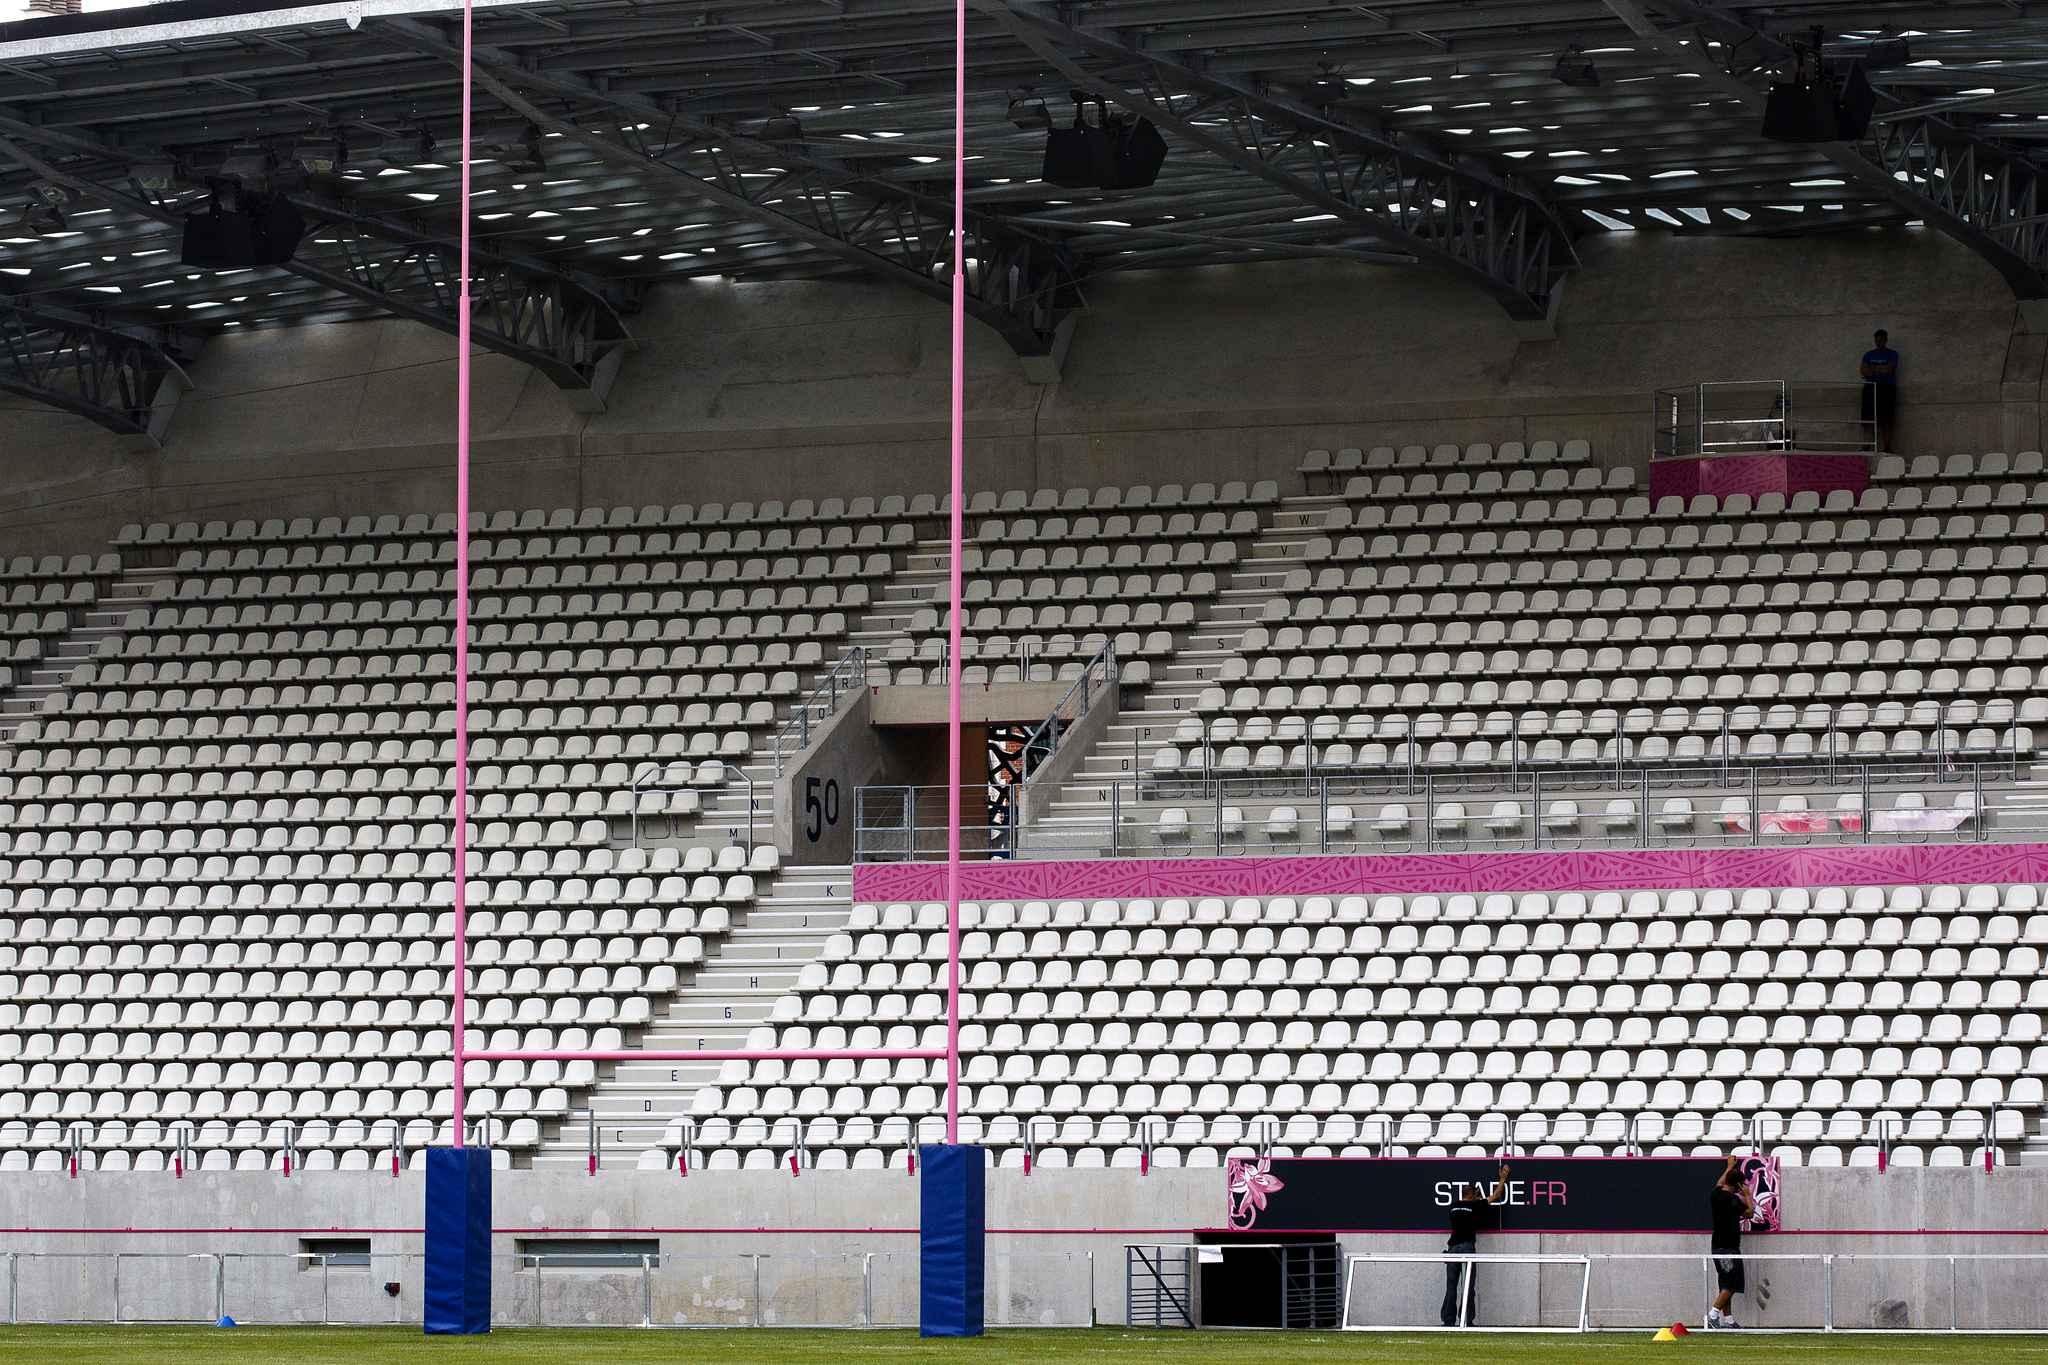 Stades de Rugby - Page 3 Paris-28-aout-2013-ea84-diaporama